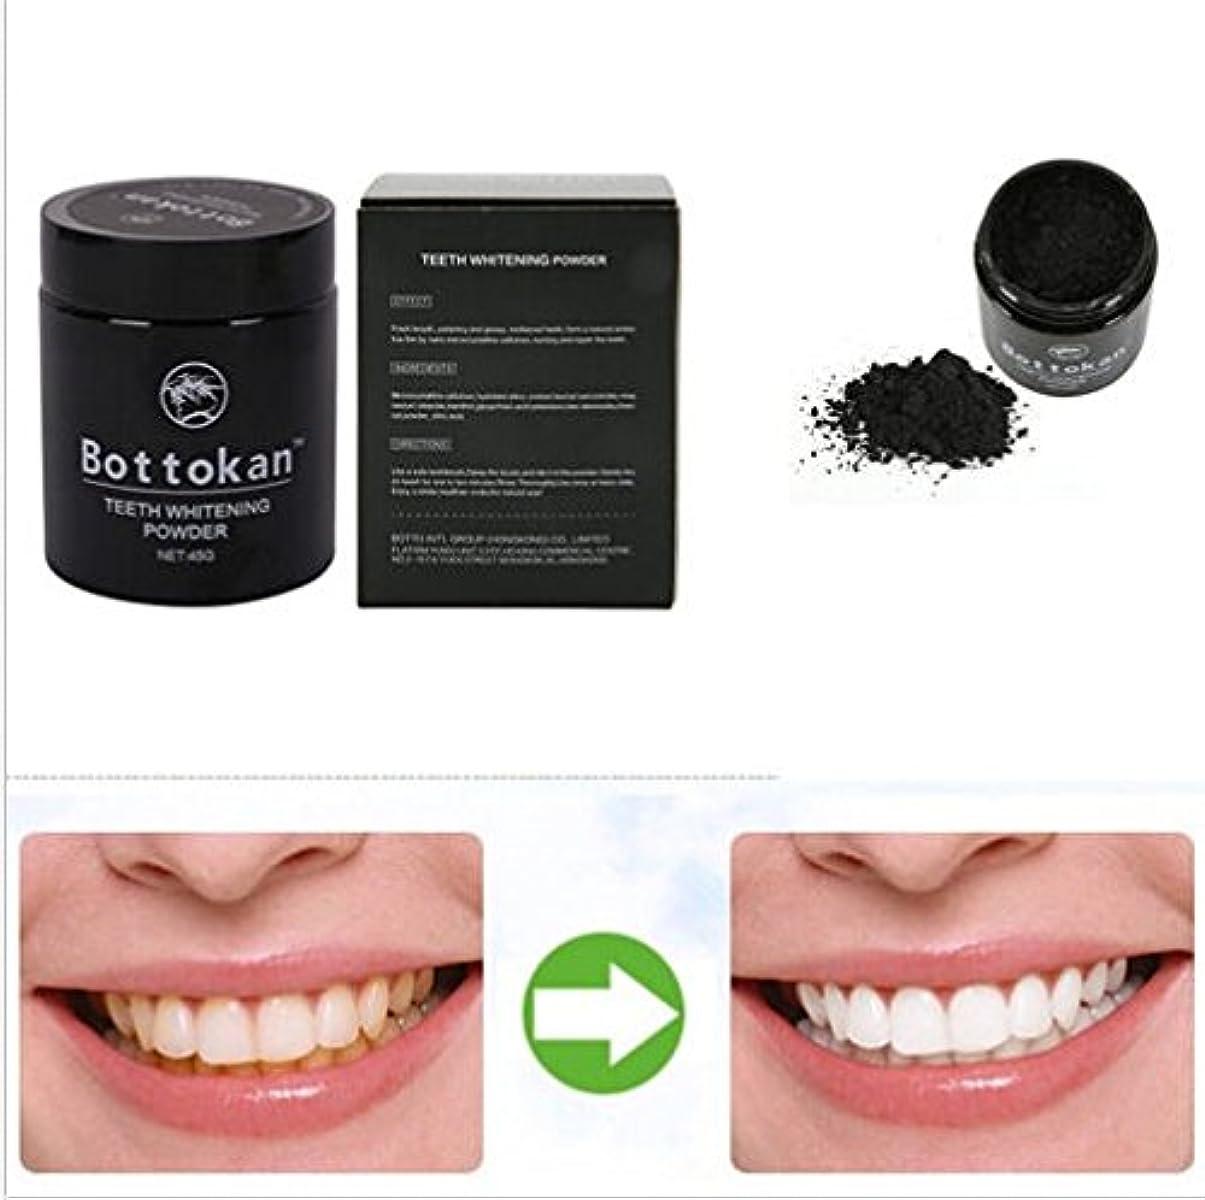 消毒剤レンダリング原子炉歯磨きパウダー 食べる活性炭 チャコールパーティクル 竹炭パウダー 45g 黒缶